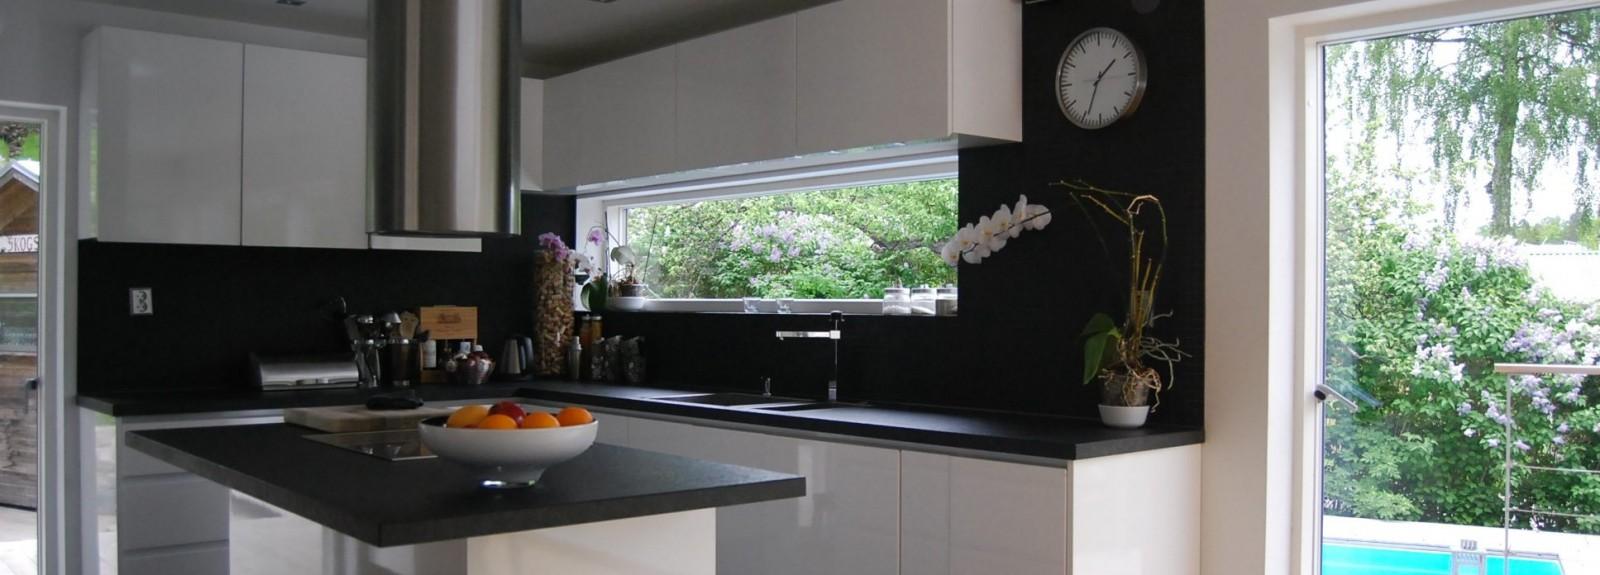 guide und tipps zum renovieren ihre k che franz sisch riviera. Black Bedroom Furniture Sets. Home Design Ideas